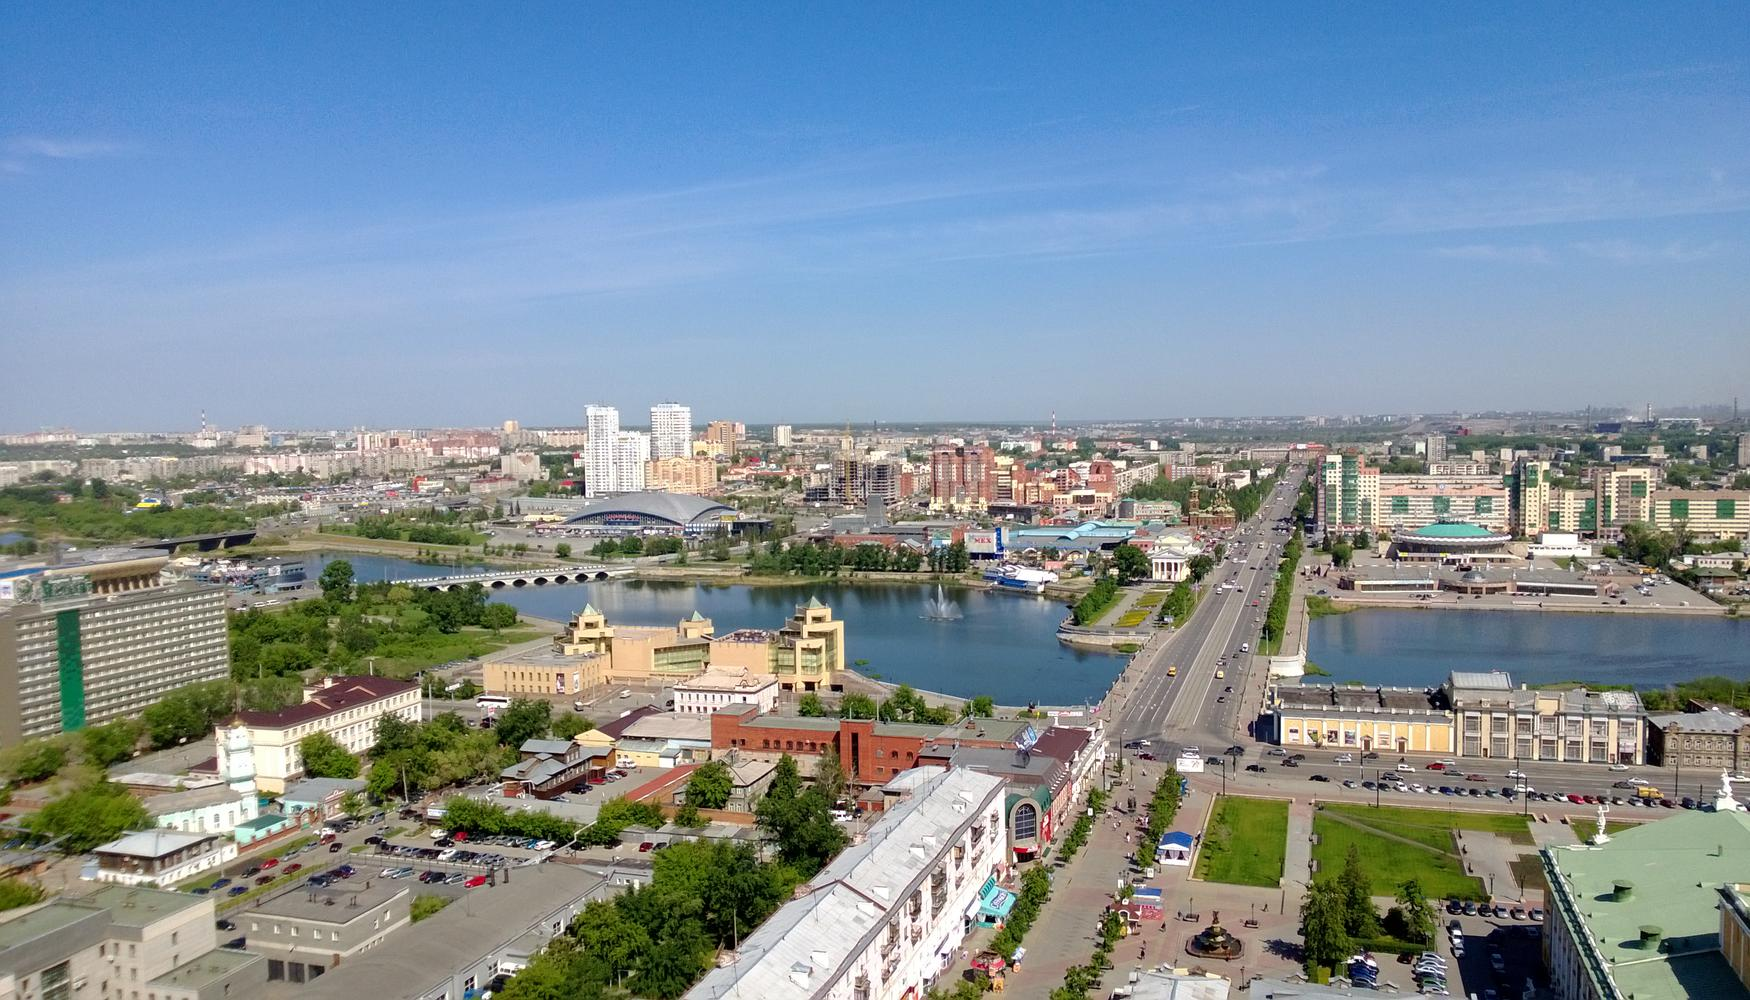 Alquiler de coches en Aeropuerto Chelyabinsk